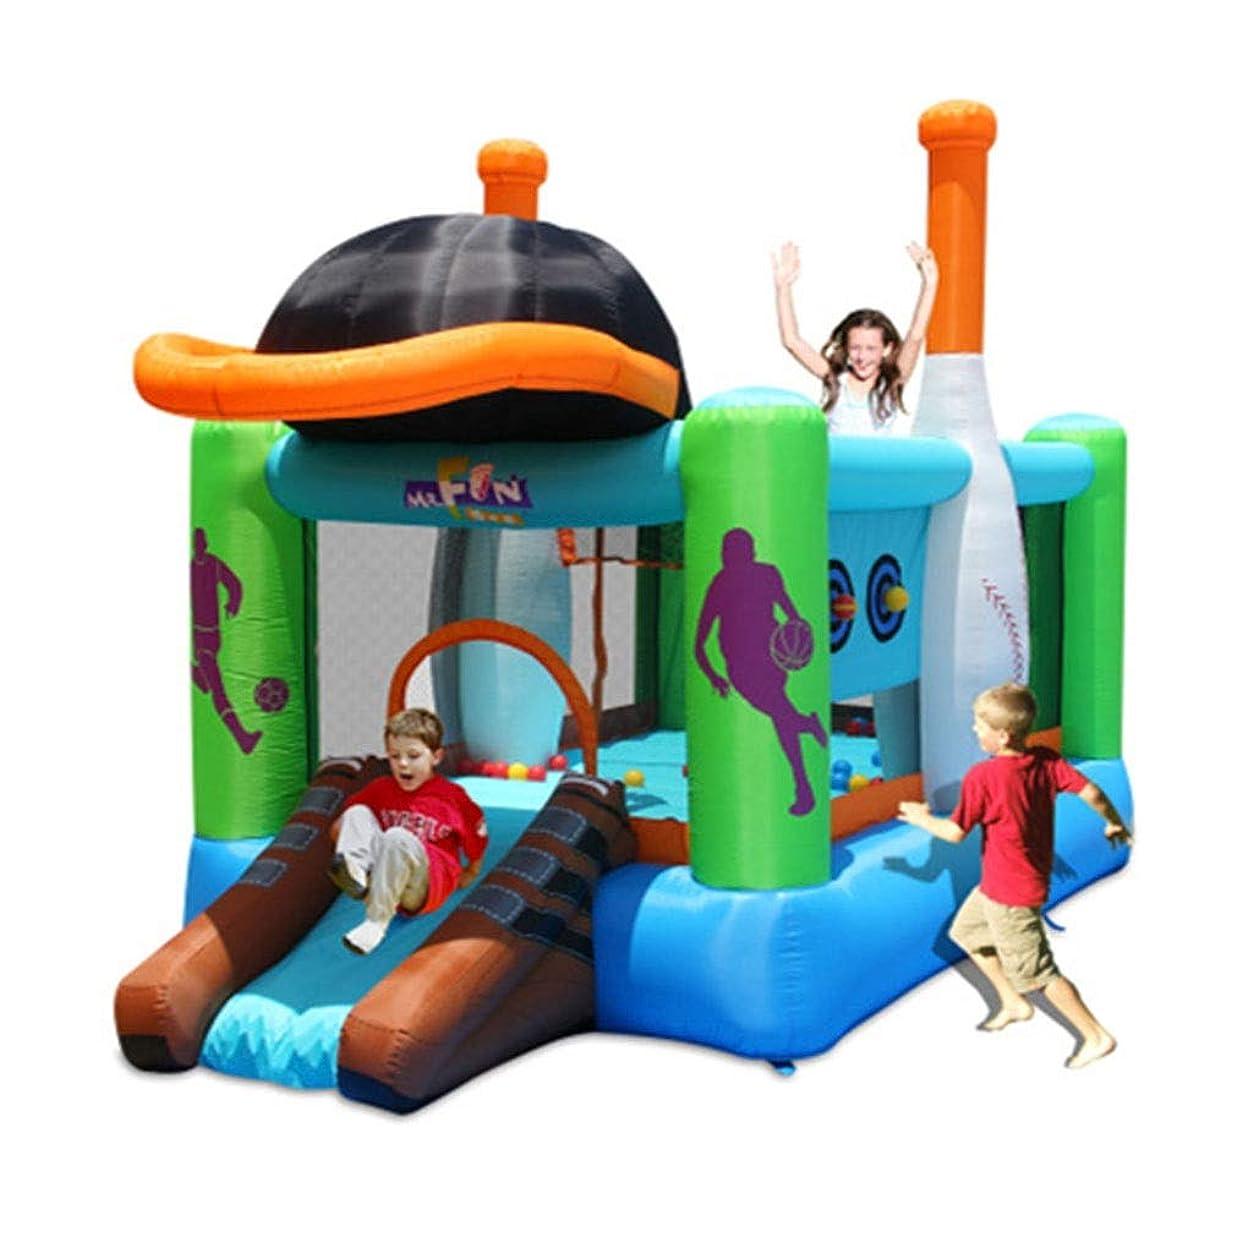 ホイスト一偉業ボーイズアンドガールズアミューズメントパーク 屋内と屋外のスライドおもちゃ 大きな弾力がある城 マルチプレイヤーインフレータブルトランポリン 体力 リビングルームの芝生 城 (Color : Green, Size : 427*246*283cm)